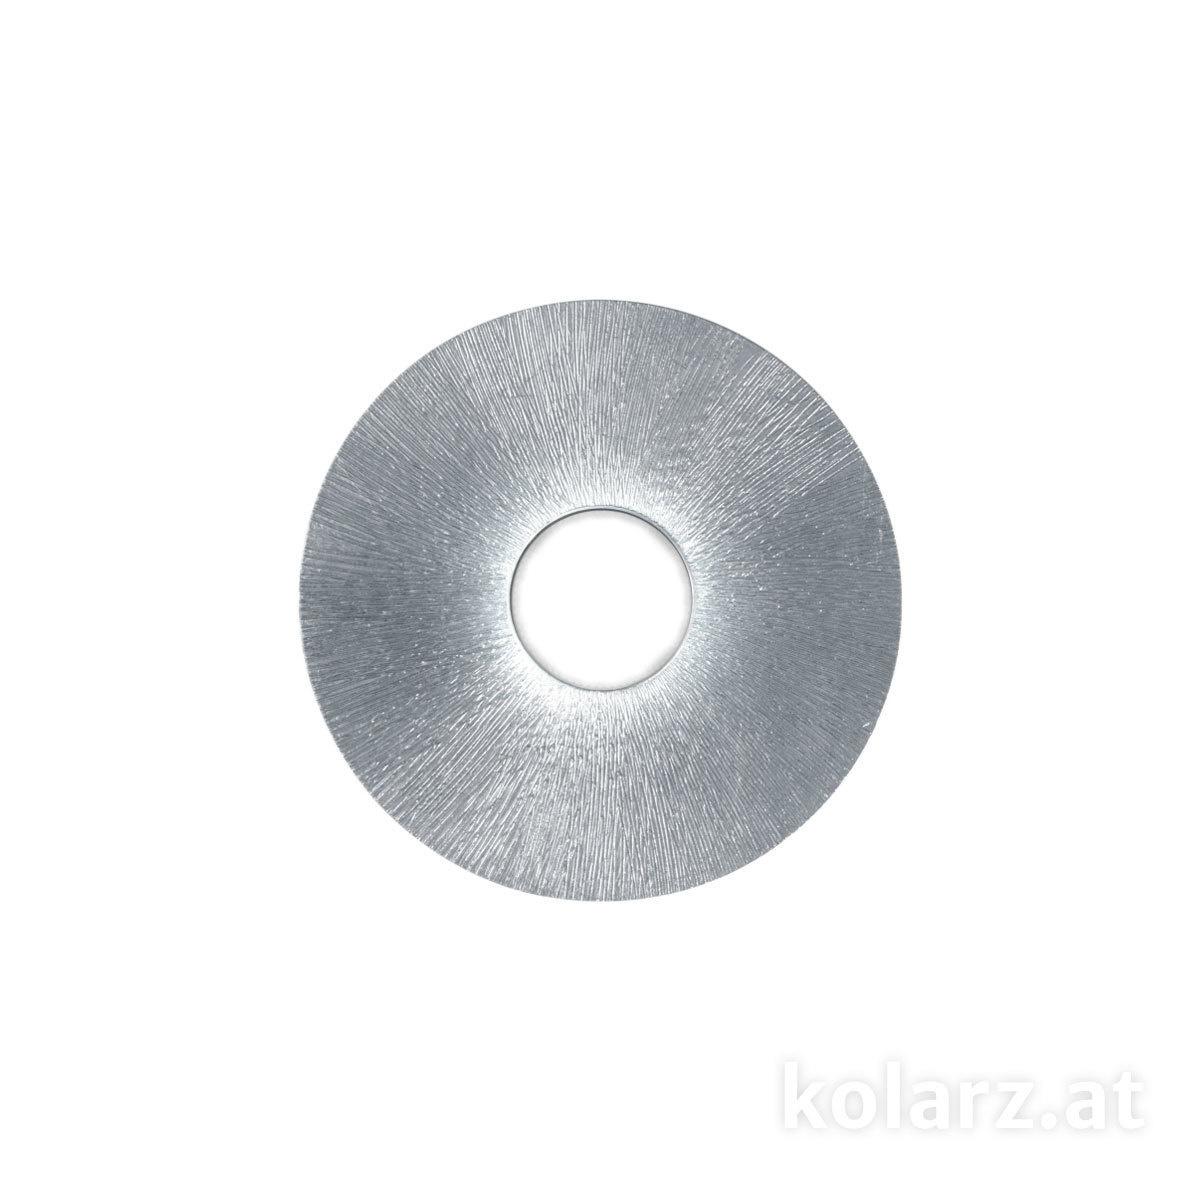 A1336-11-1-SunAg-f1.jpg